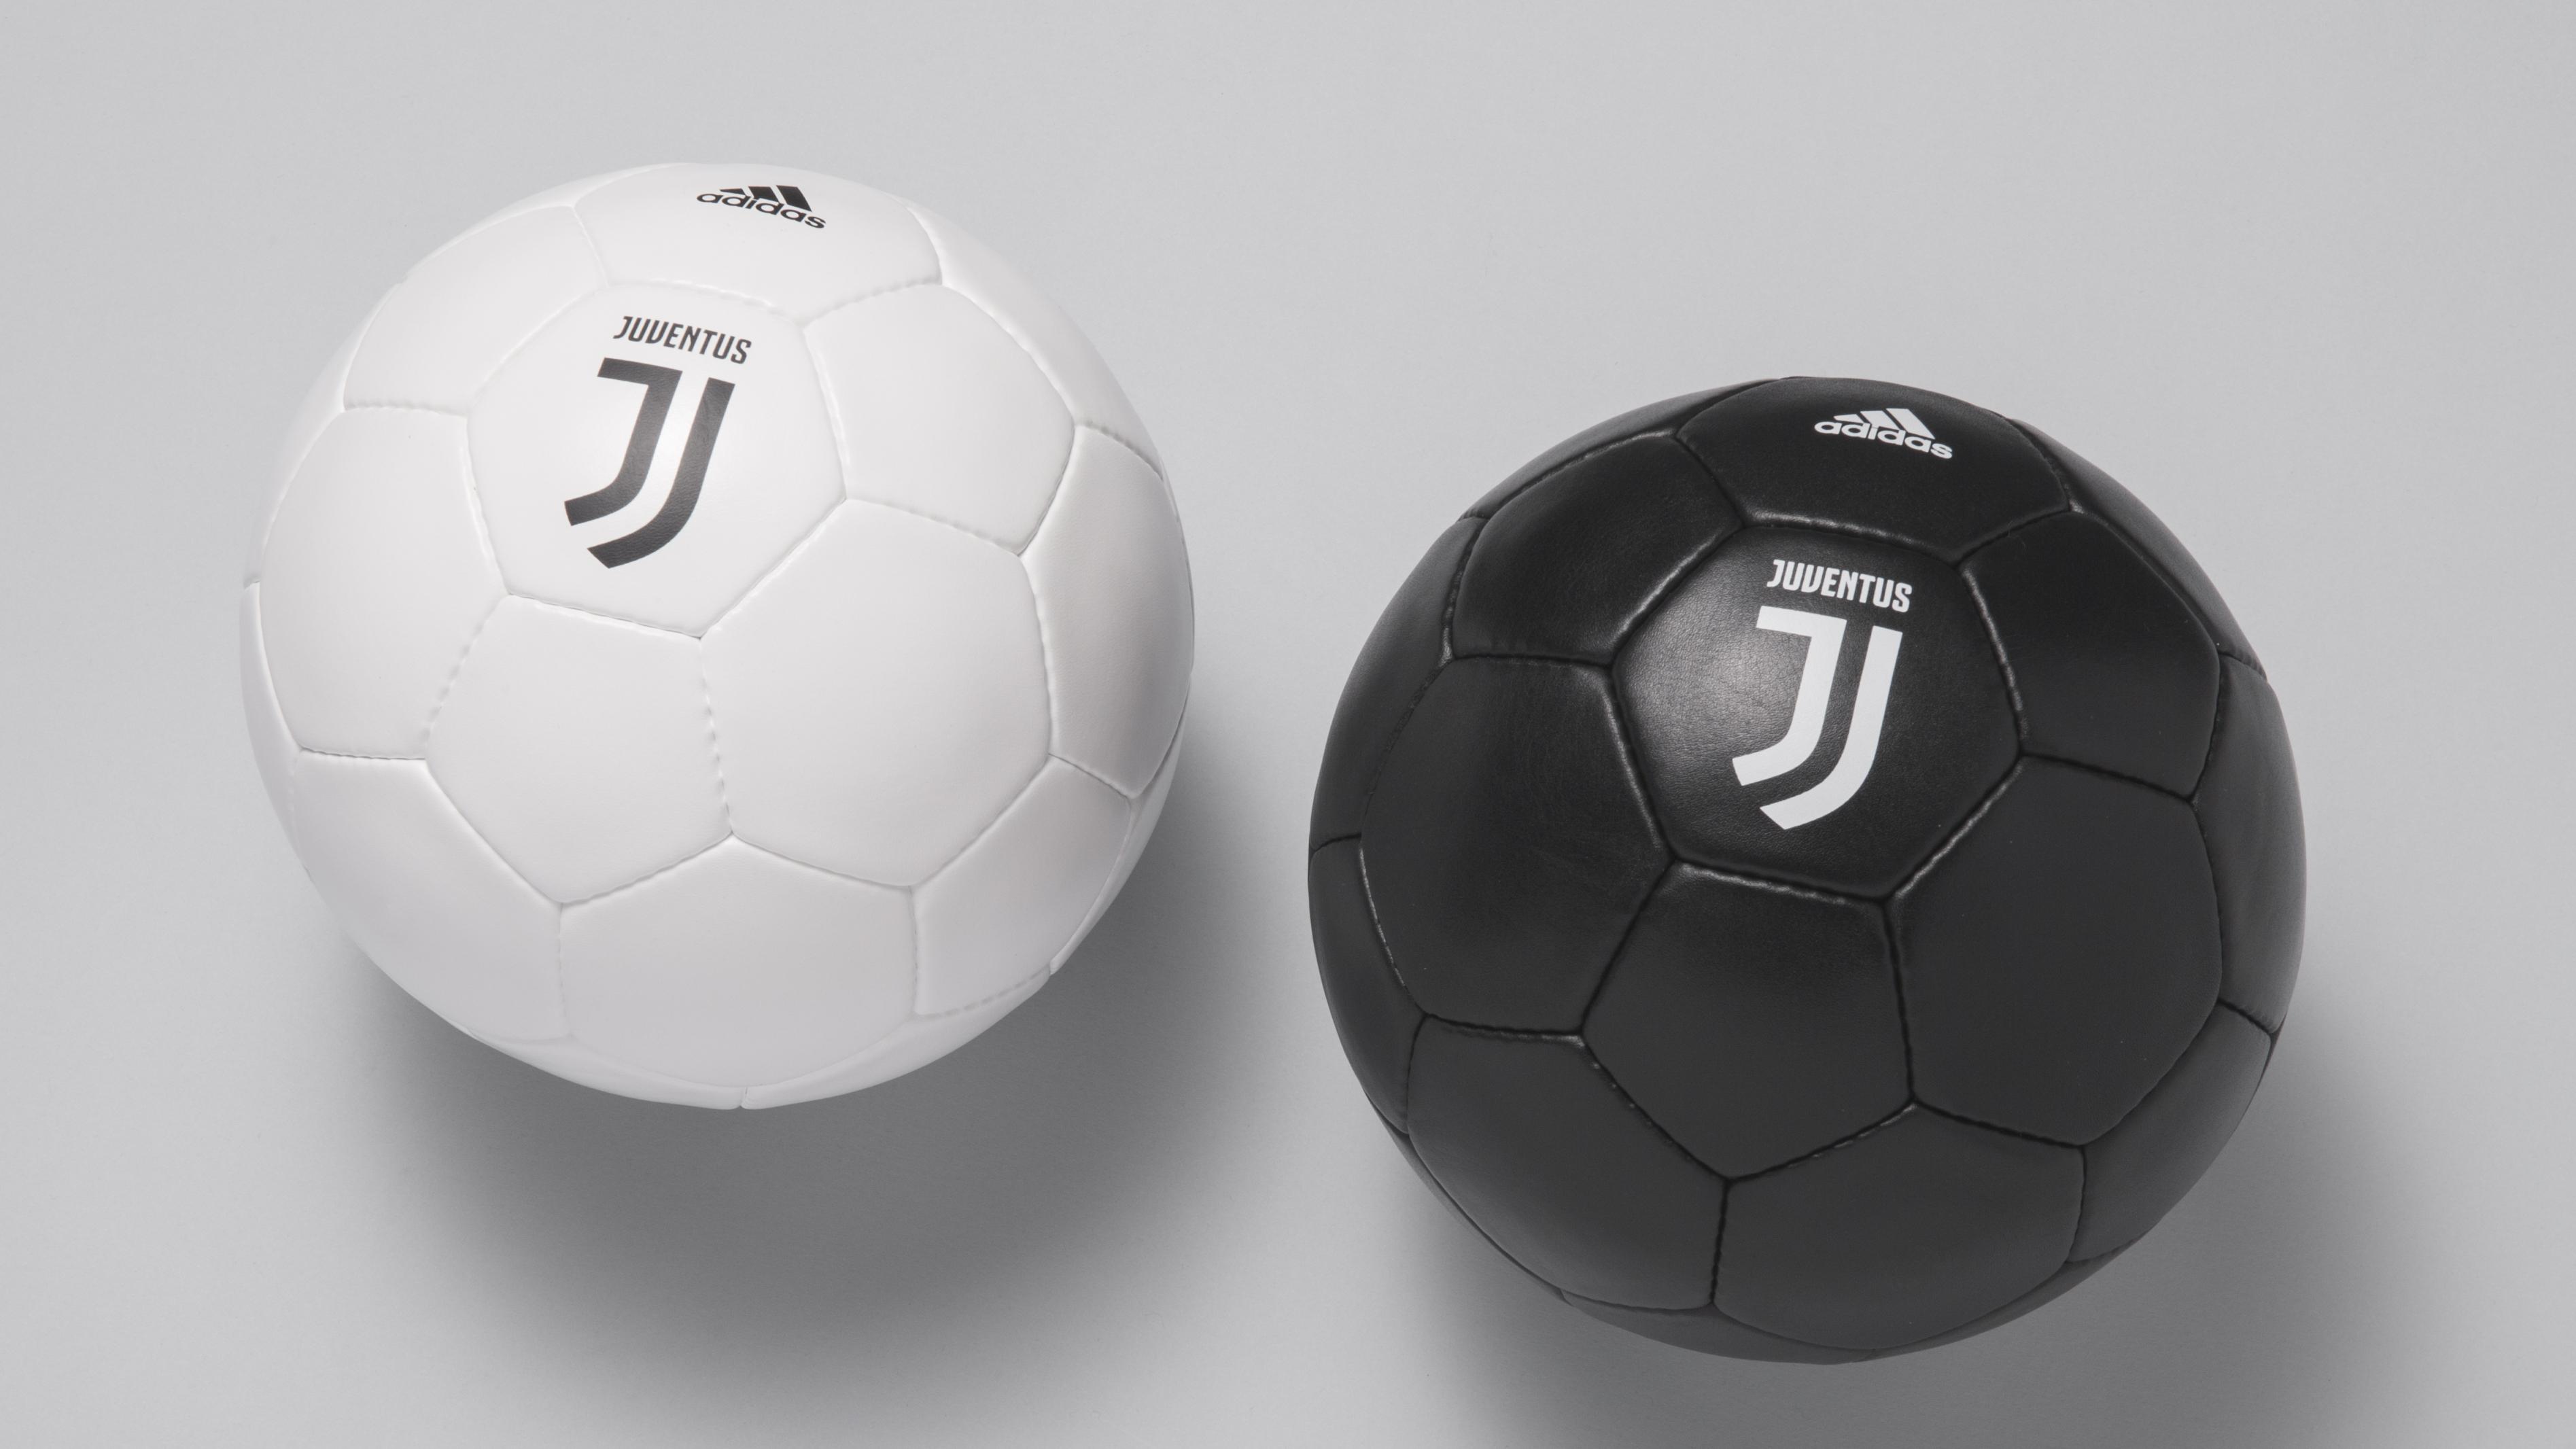 Juventus Black and White Soccer Ball - Interbrand Milan